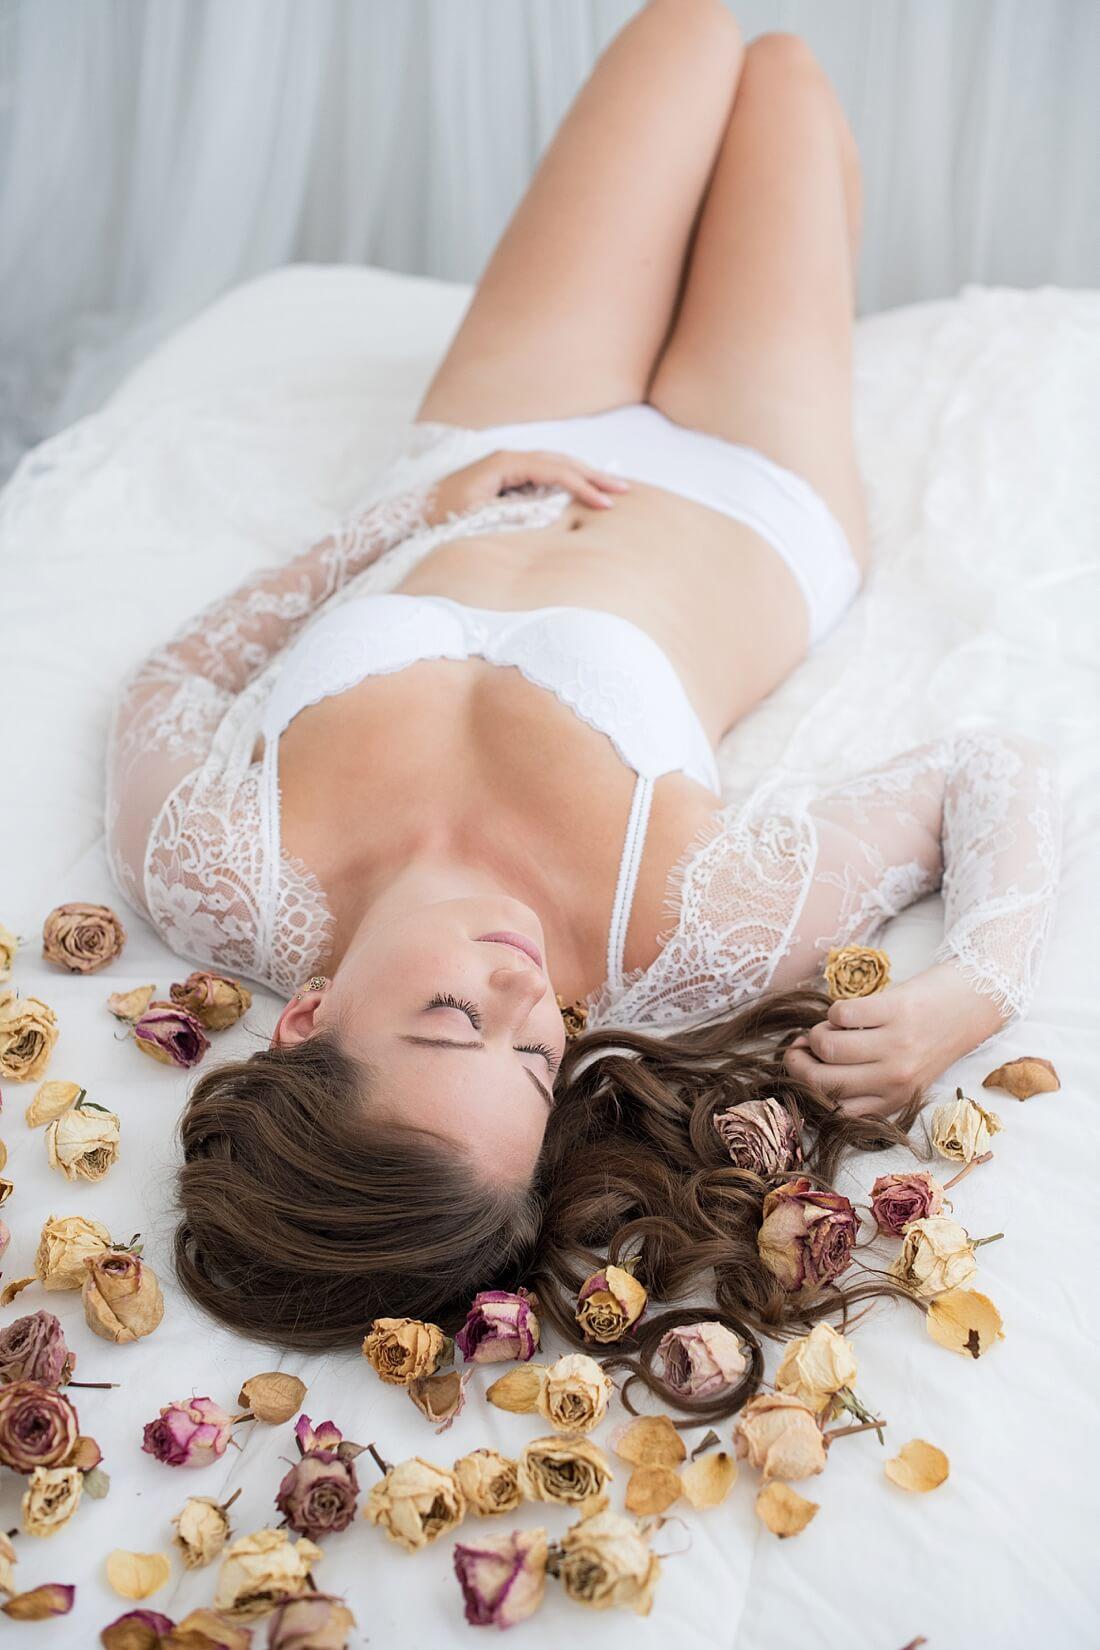 romantische-fotos-in-bruidslingerie-voor-je-echtgenoot